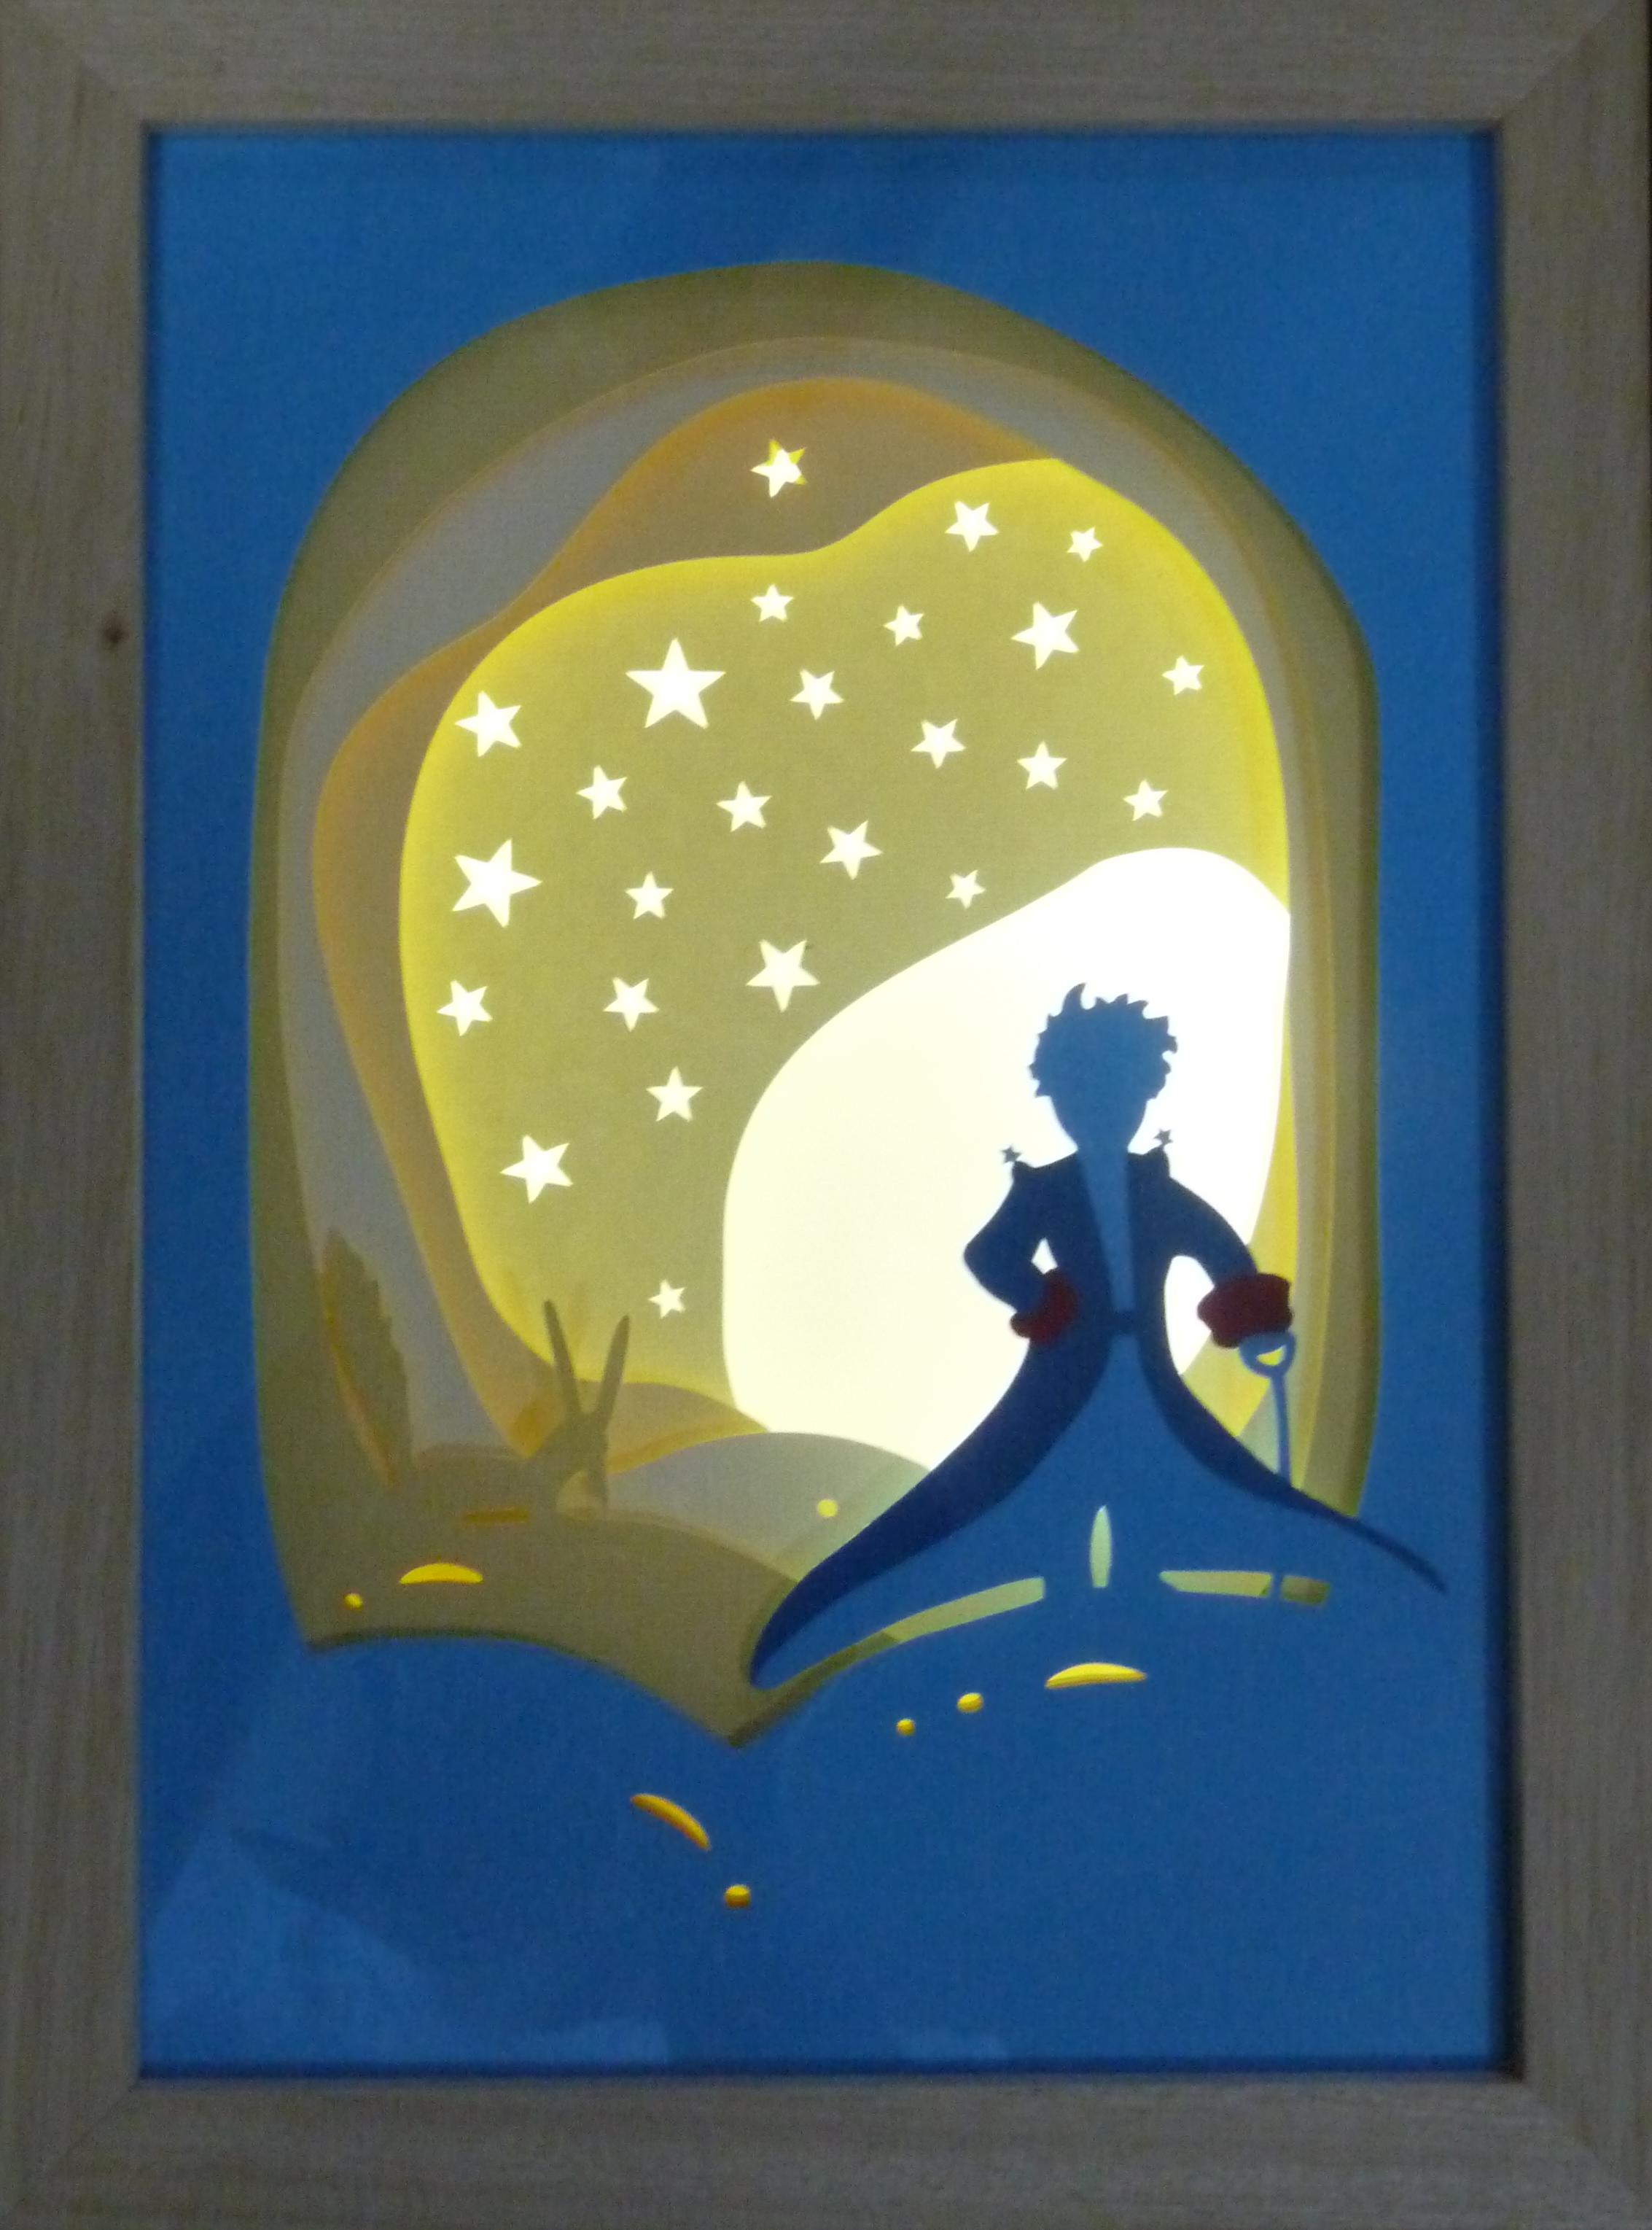 El Principito Diorama Caja De Luz Creativo Por Mis Orejas Iluminacion Cajadeluz Shadowbox Dioramas Dioramasluz Navidad Caja De Luz Dioramas Diorama